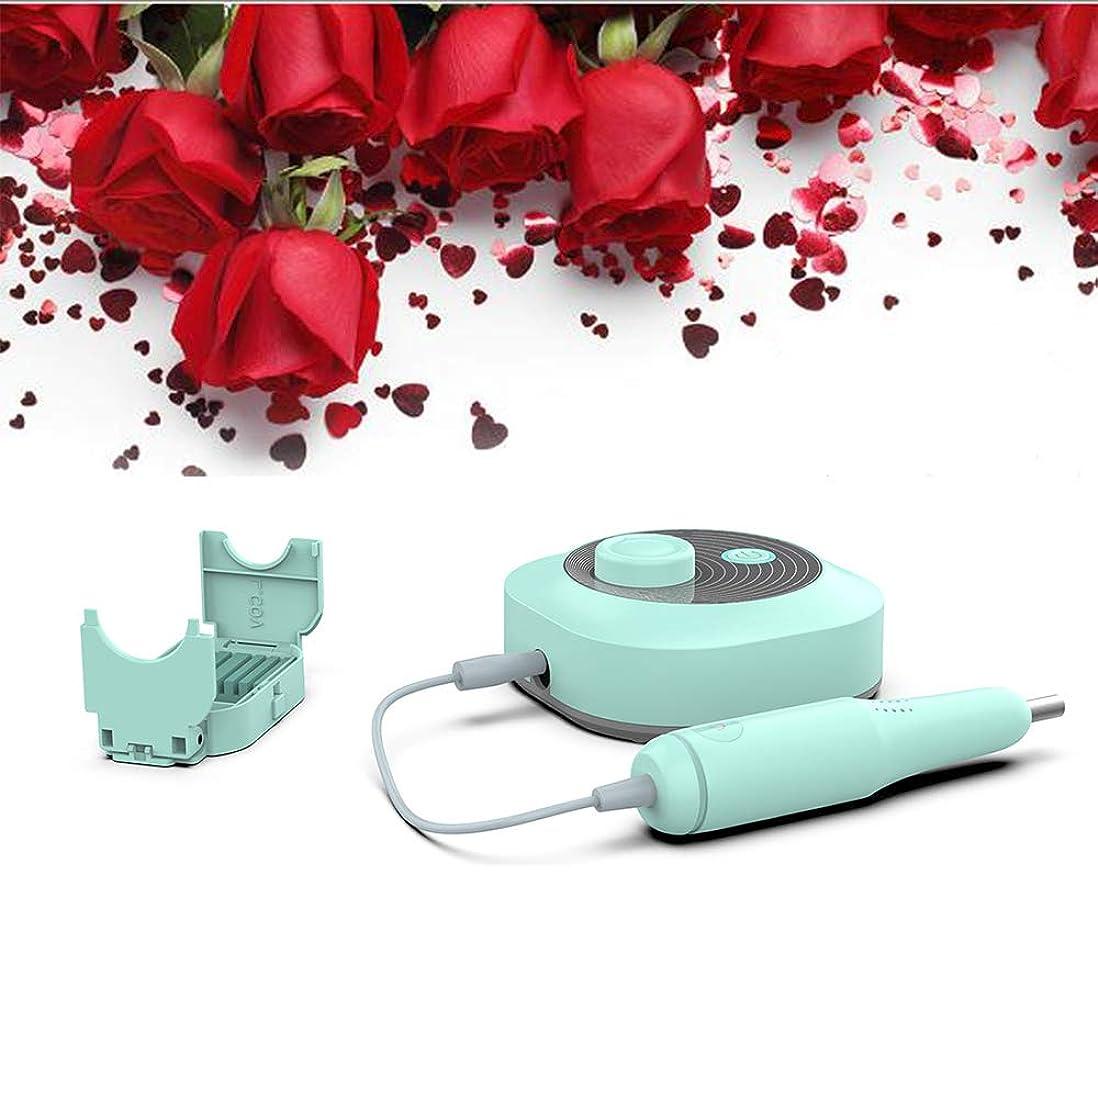 家庭用のアクリル、ジェルネイルマニキュアペディキュア研磨ツールの設計のためのコンパクトなポータブル電動ネイルドリル